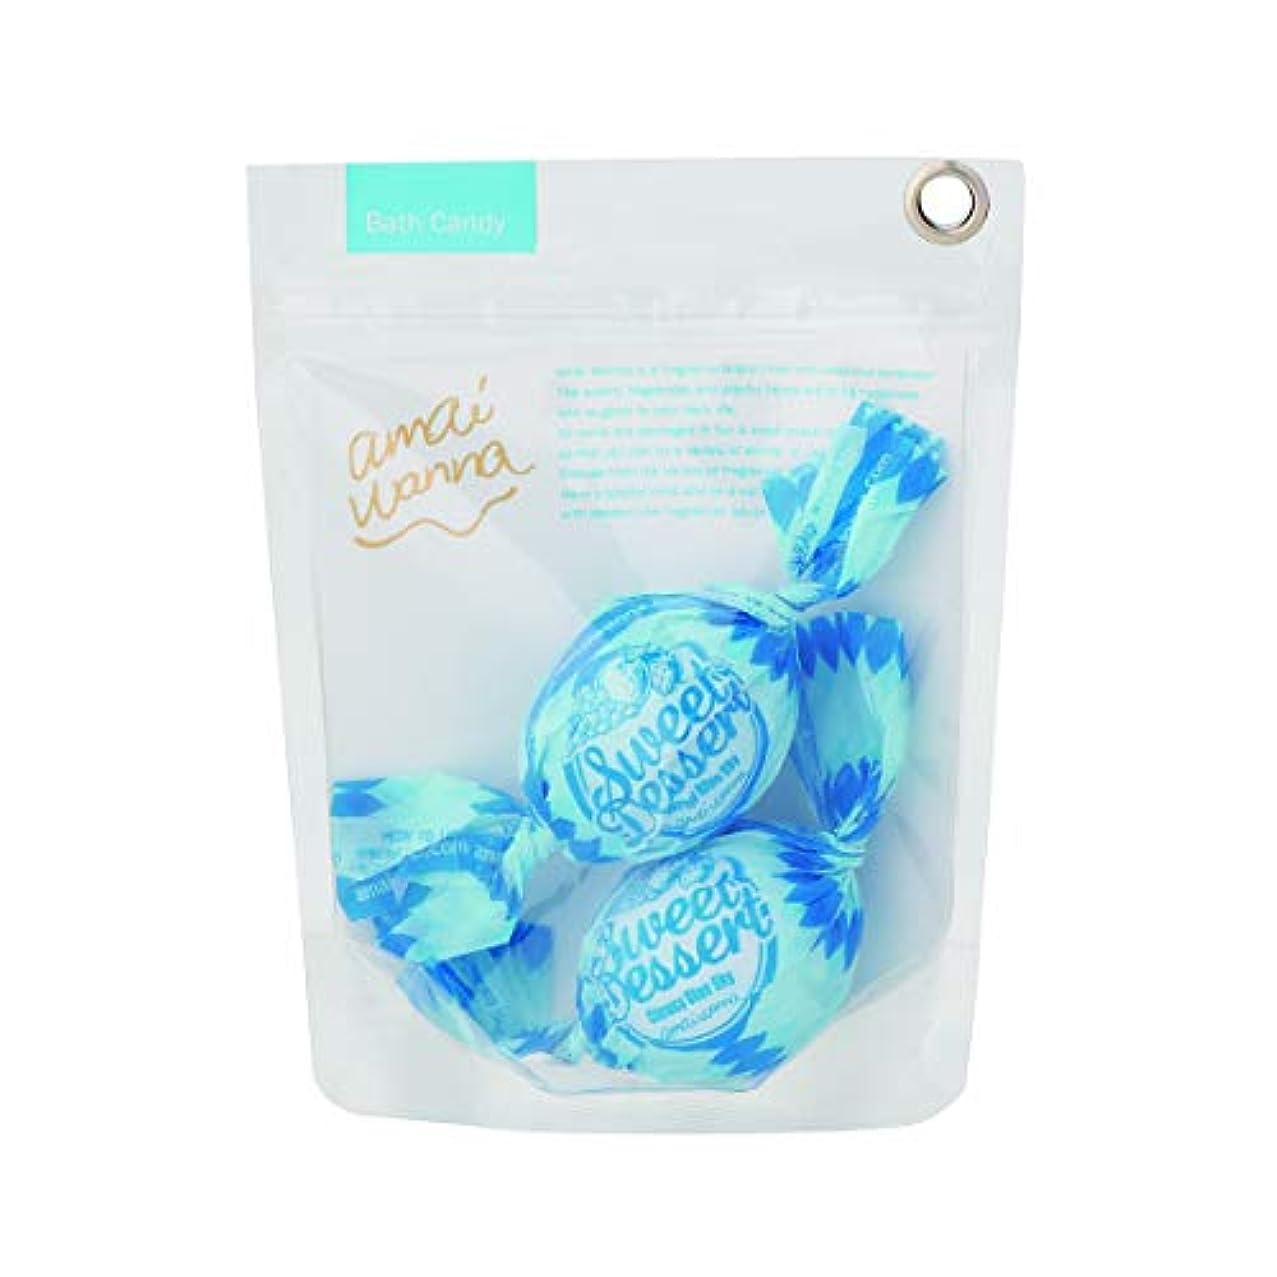 ショッキング改修する故障アマイワナ バスキャンディーバッグ 青空シトラス 35g×2(発泡タイプ入浴料 2回分 おおらかで凛としたシトラスの香り)